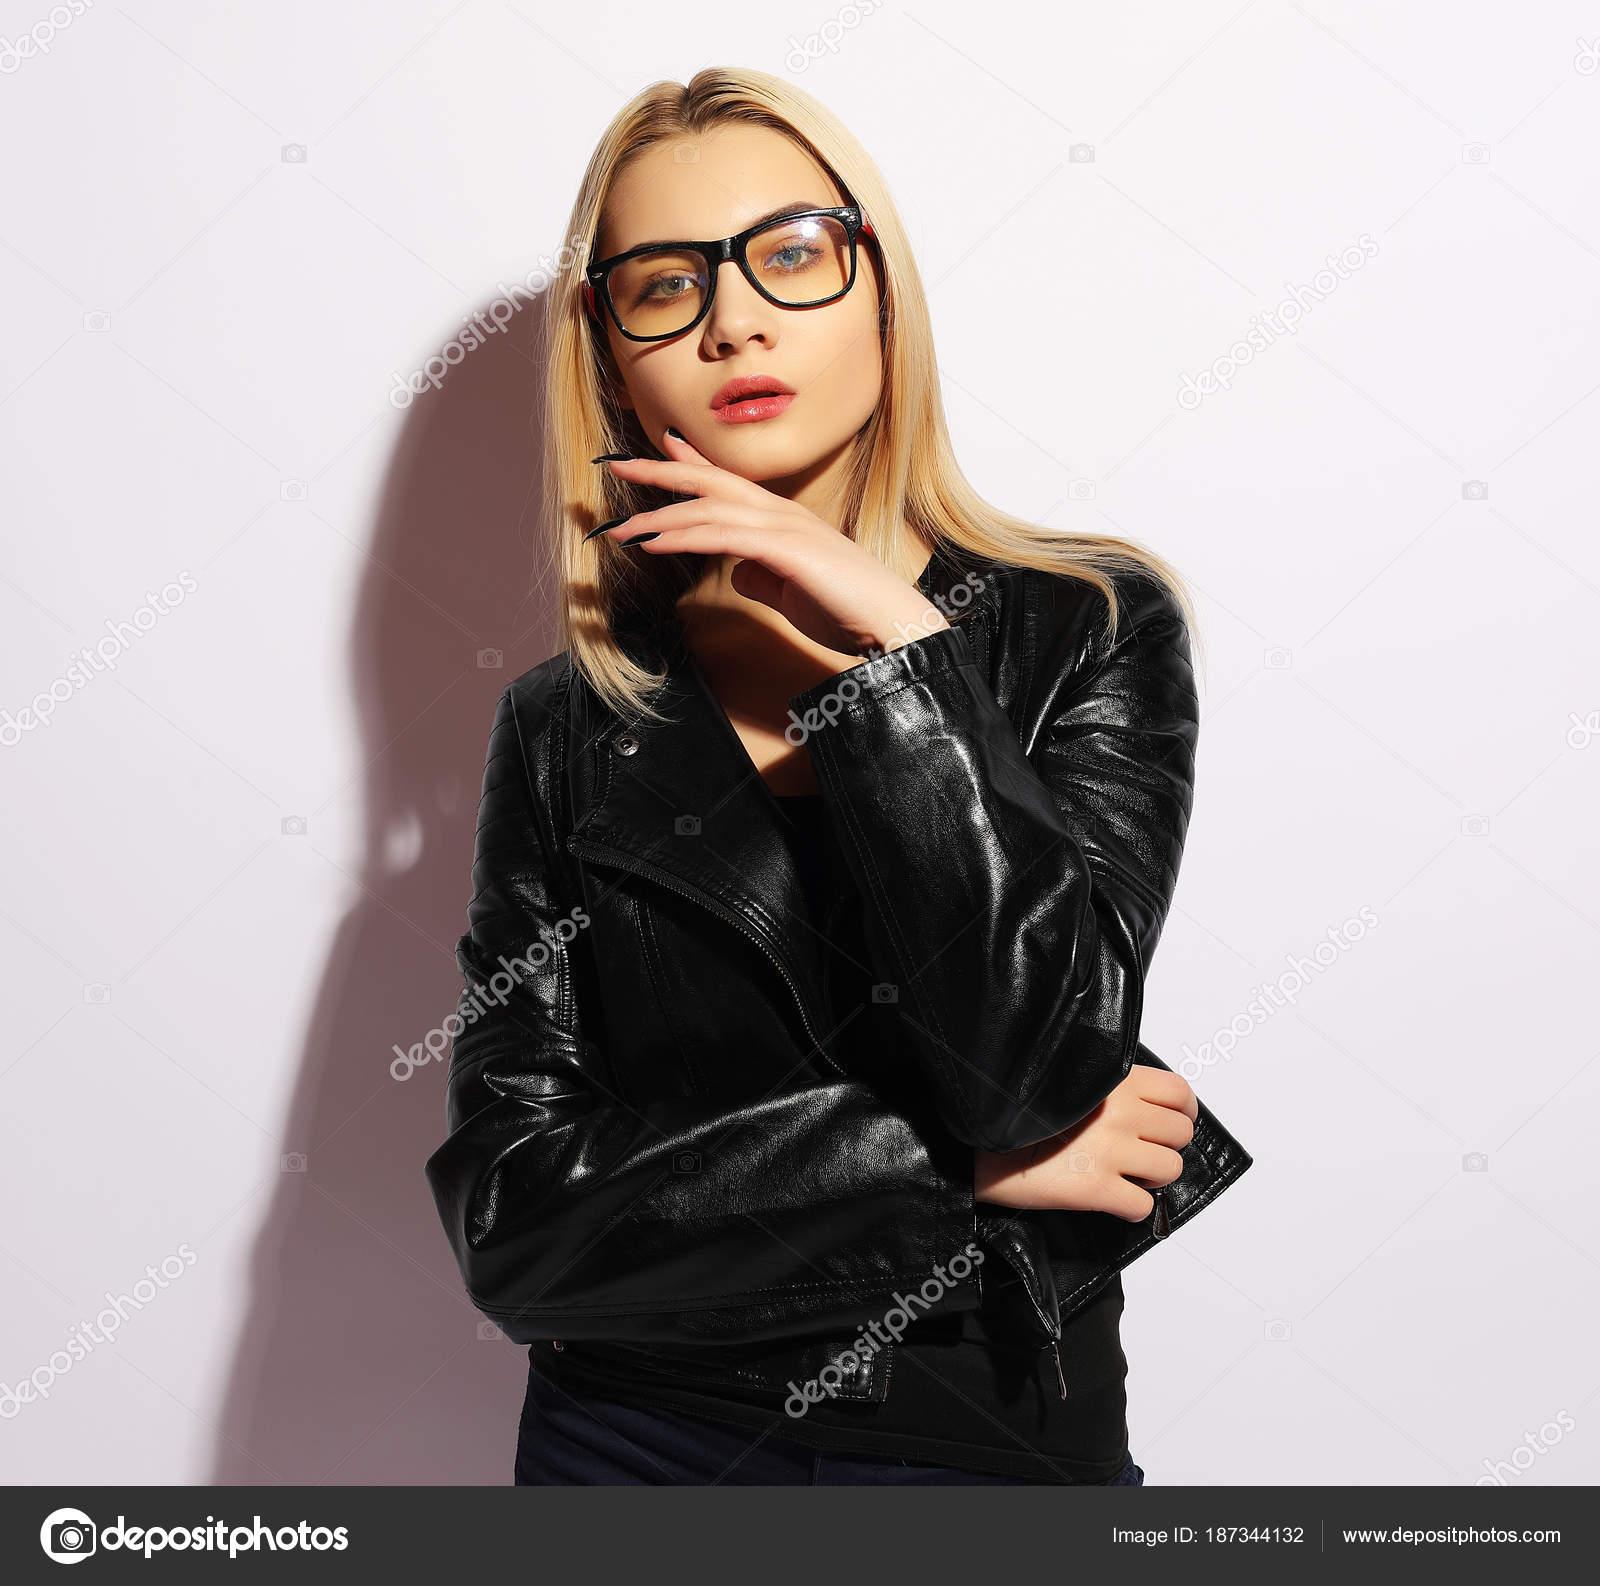 Modello di moda in abbigliamento nero. Giacca di pelle e